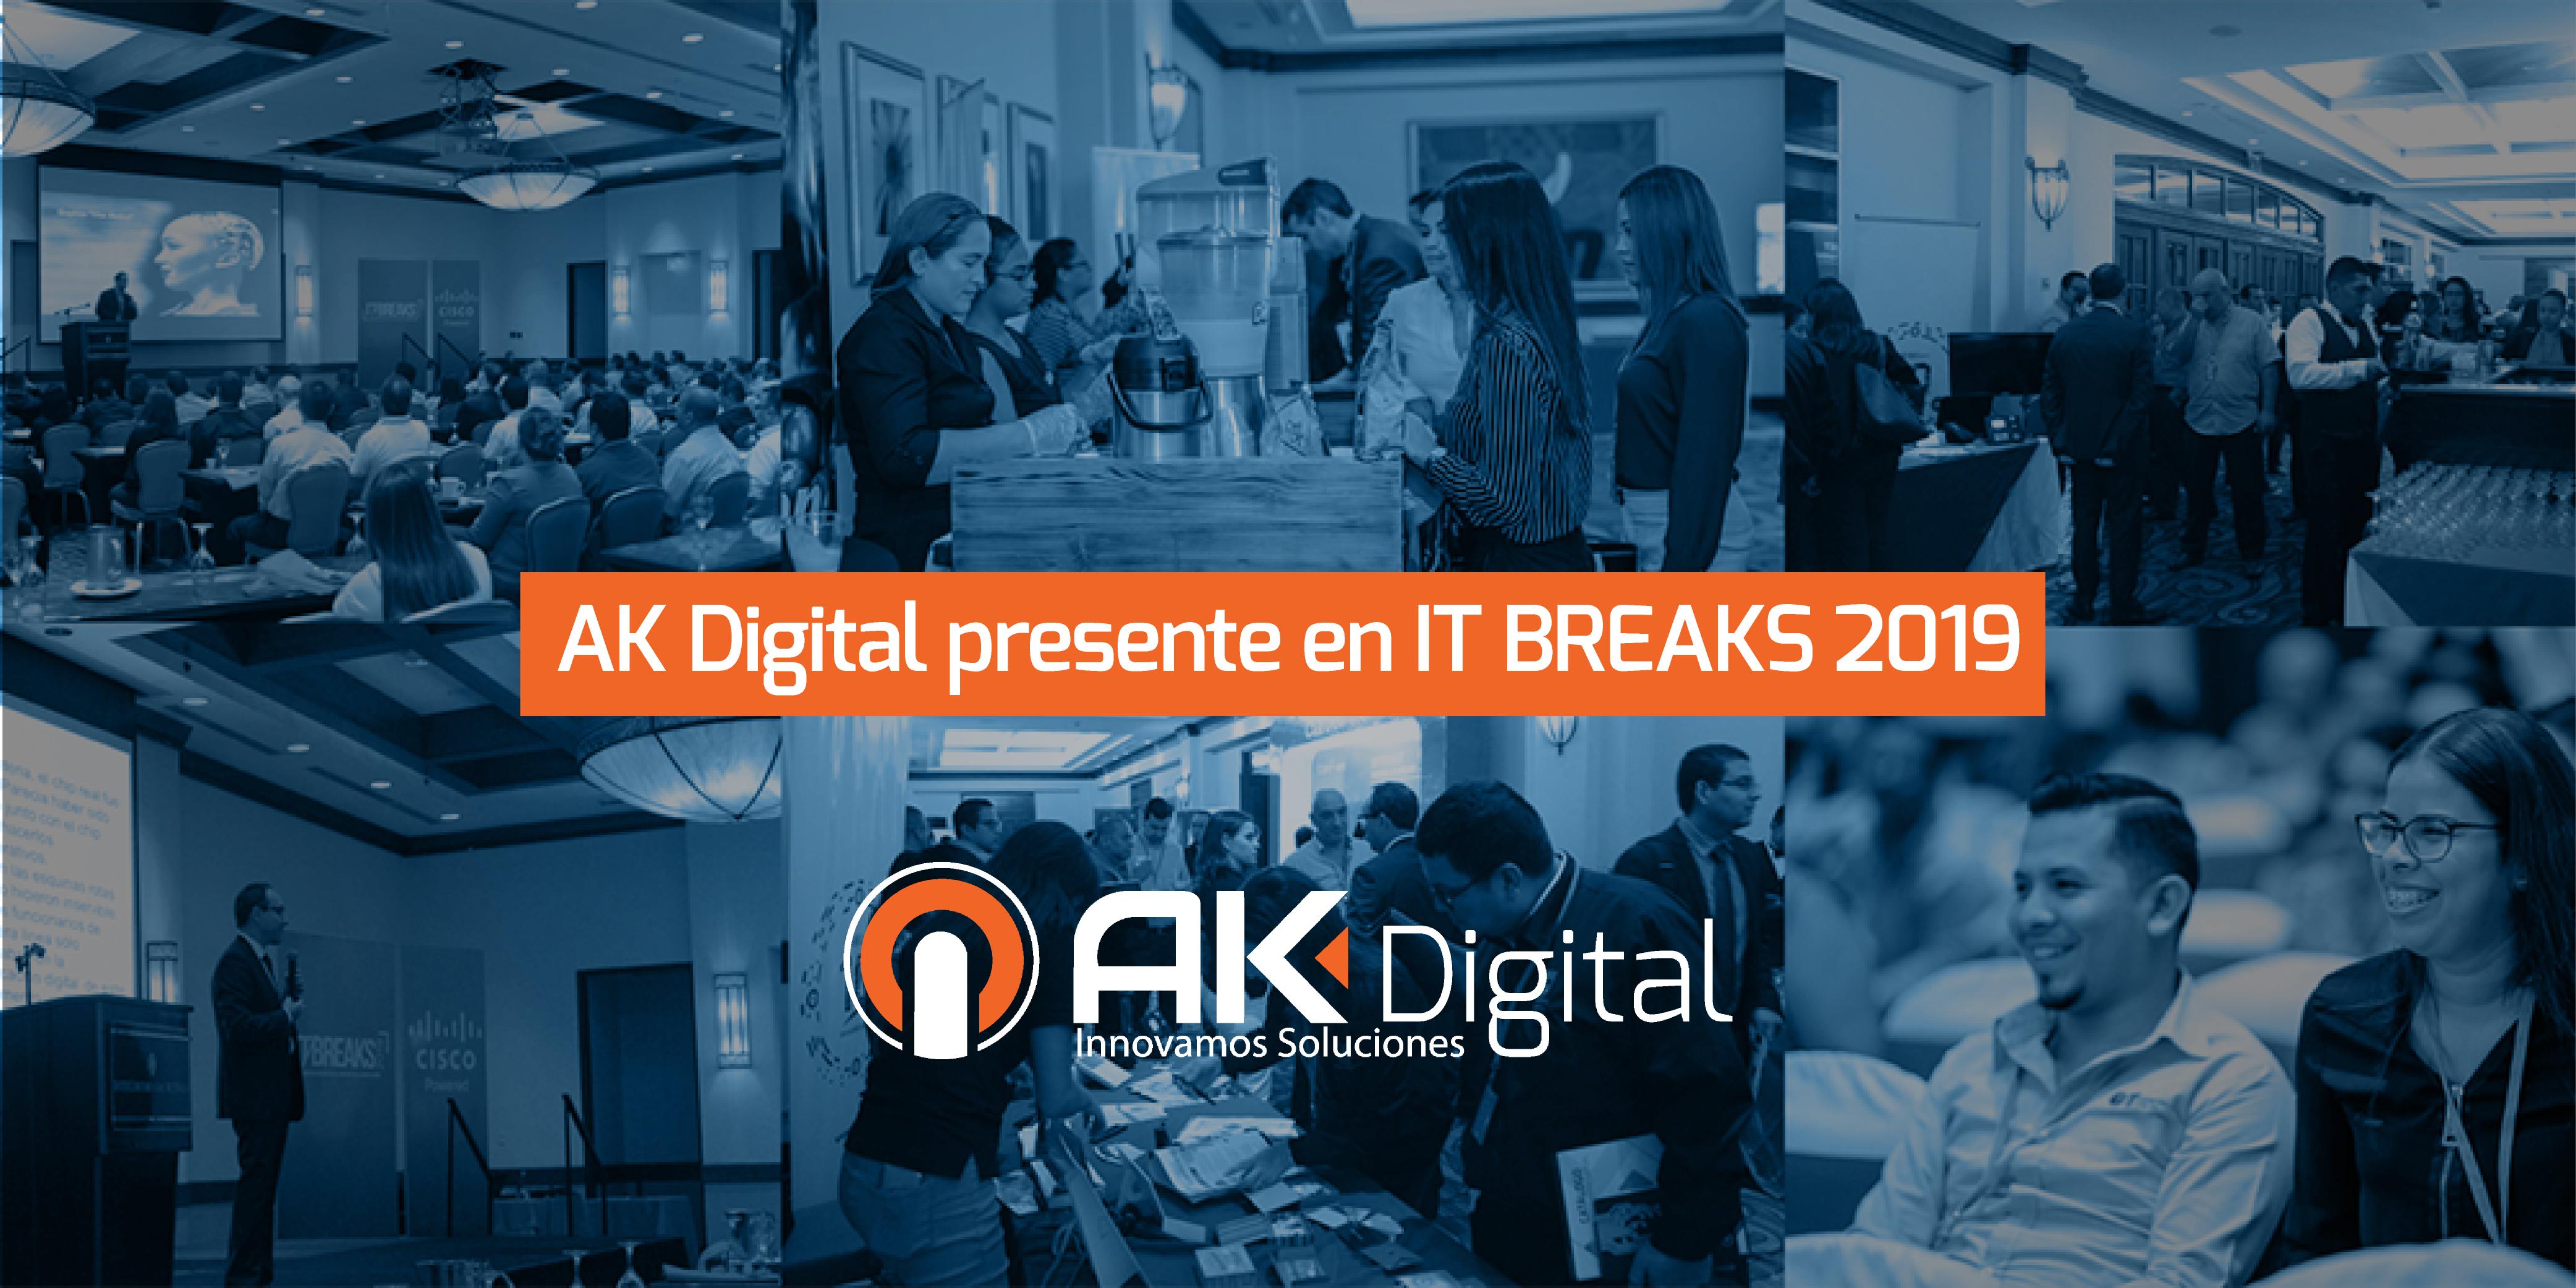 AK Digital Presente en IT BREAKS 2019